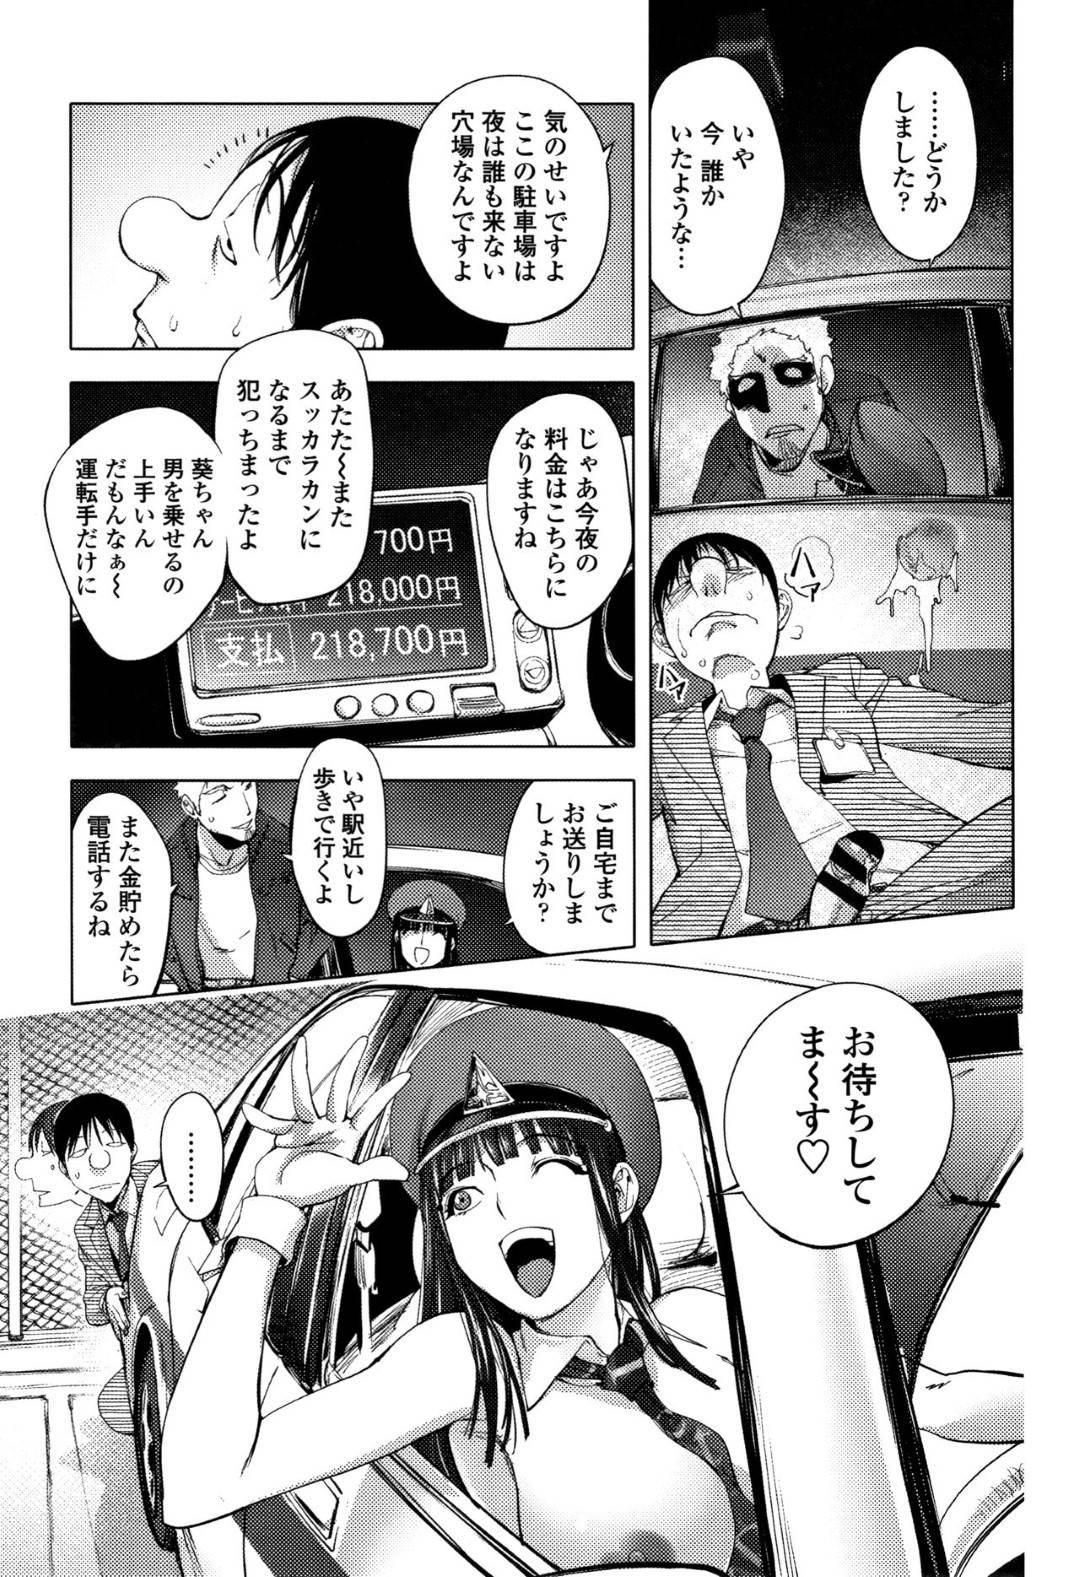 【エロ漫画】夜な夜な駐車場に現れるタクシー運転手の巨乳美女…その女は性風俗タクシーの店員だった!車内でセックスしているところを見ている男に話しかけ口止めの代わりに無料でサービスしてもらうことに!段々エスカレートして止まらないチンポは無理やりアナル射精!【蒟吉人】